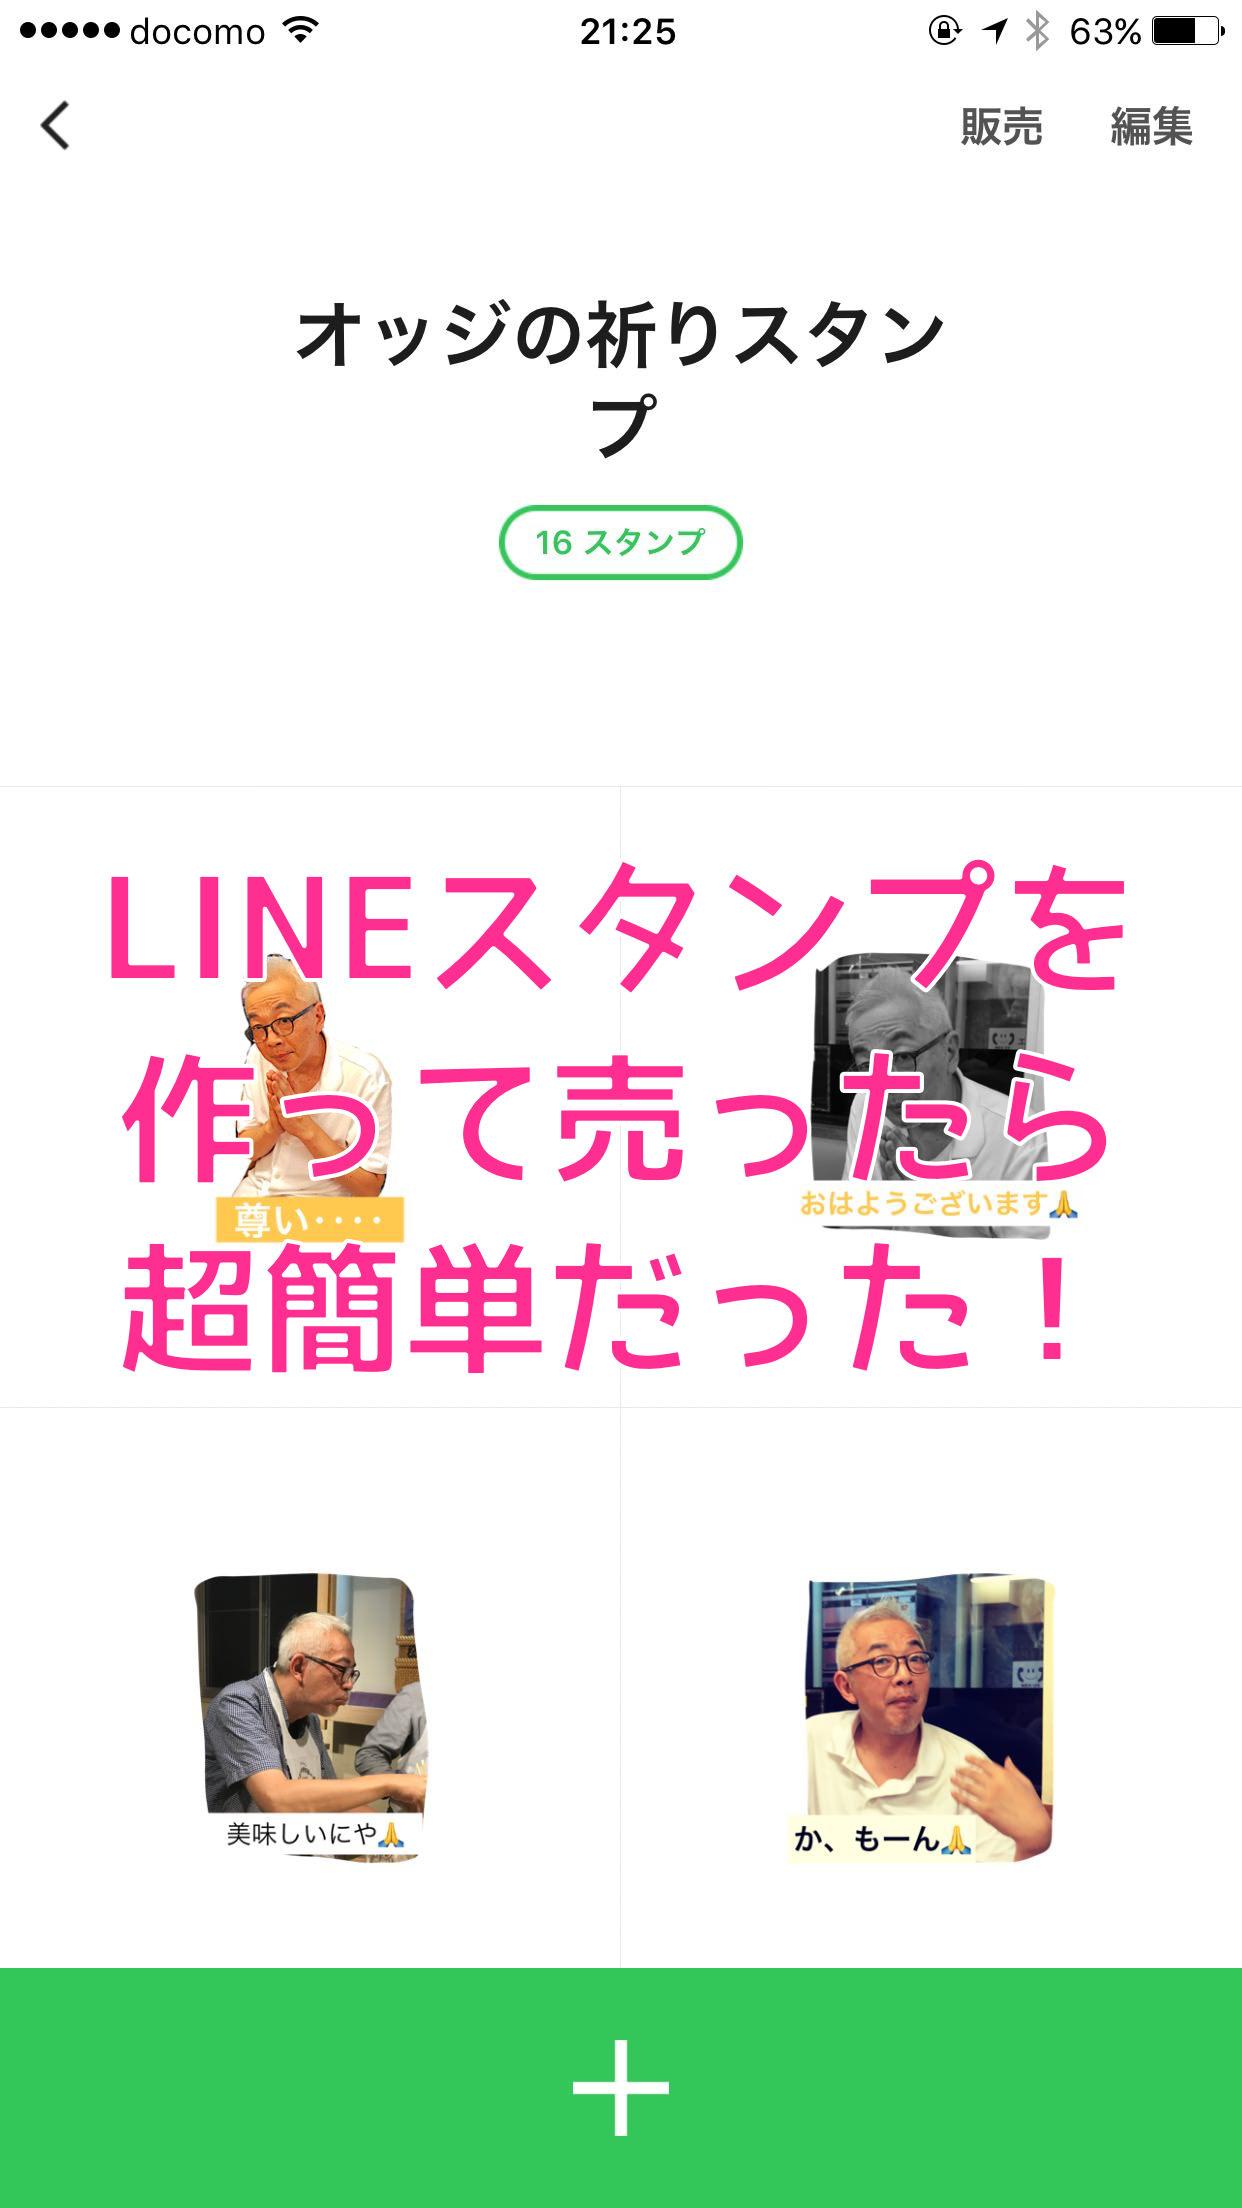 【たった2時間! 】「LINEクリエイターズスタジオ」でスタンプを作って販売する方法を解説